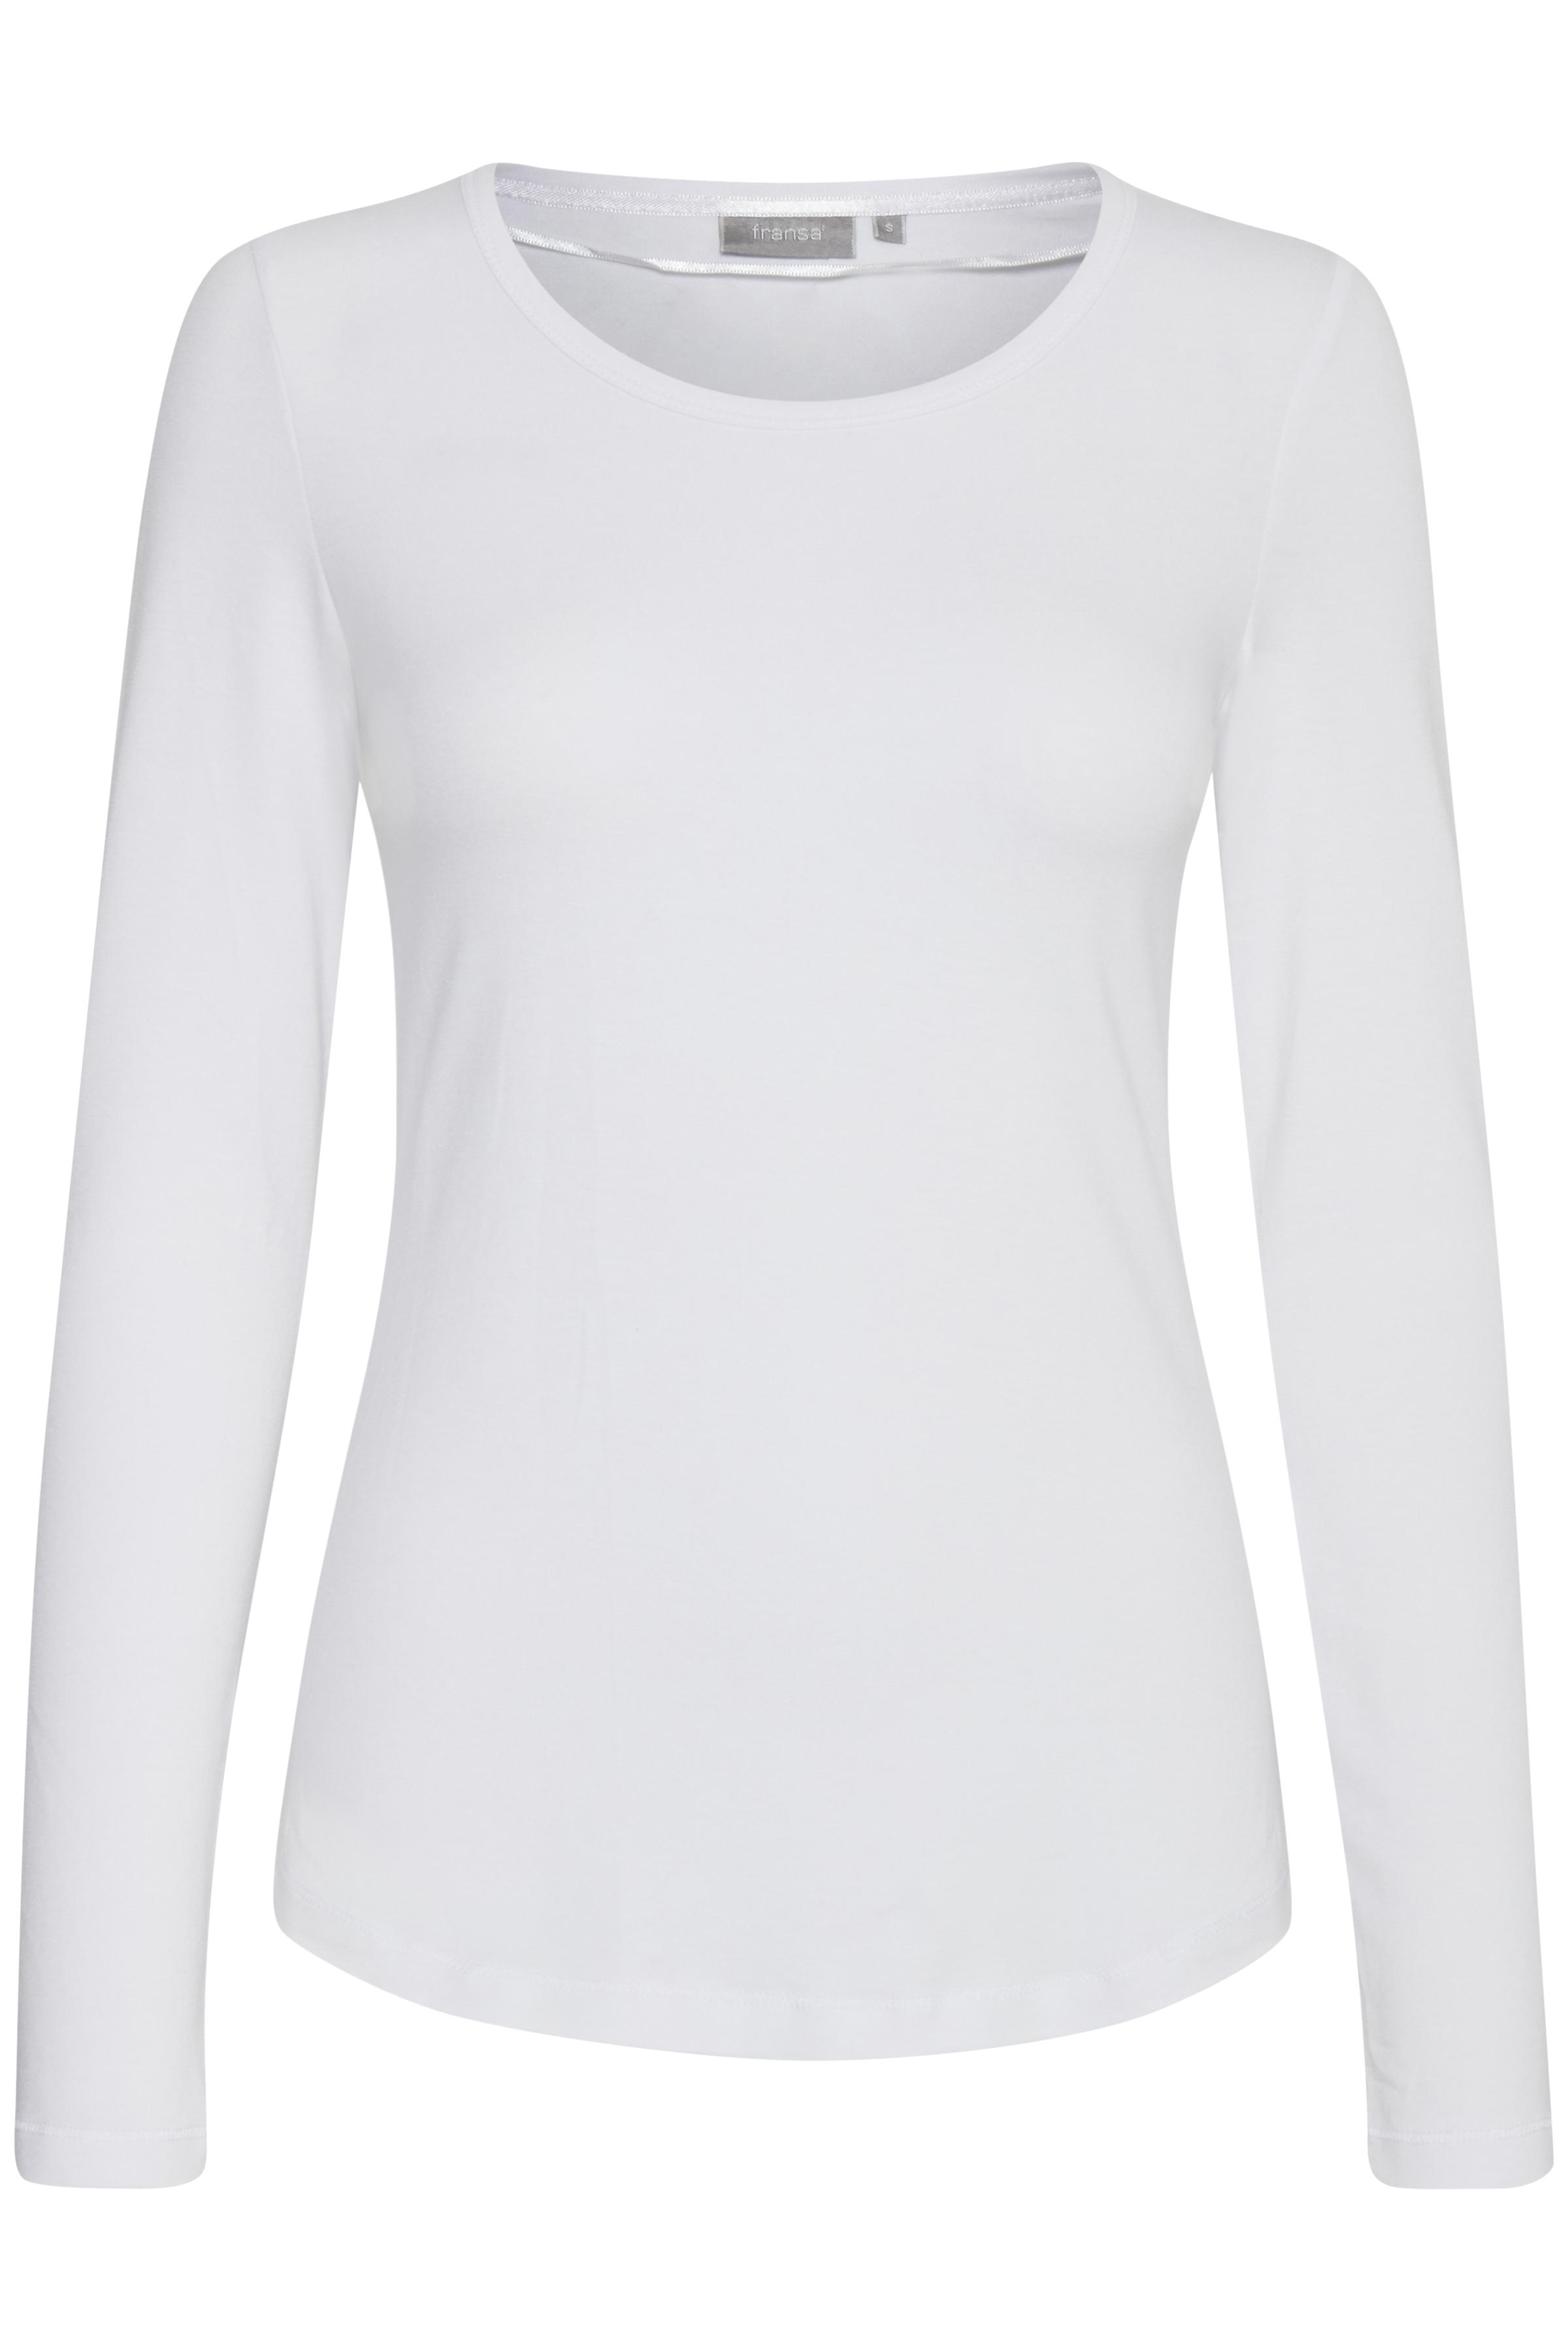 Image of Fransa Dame Langærmet T-shirt - Hvid